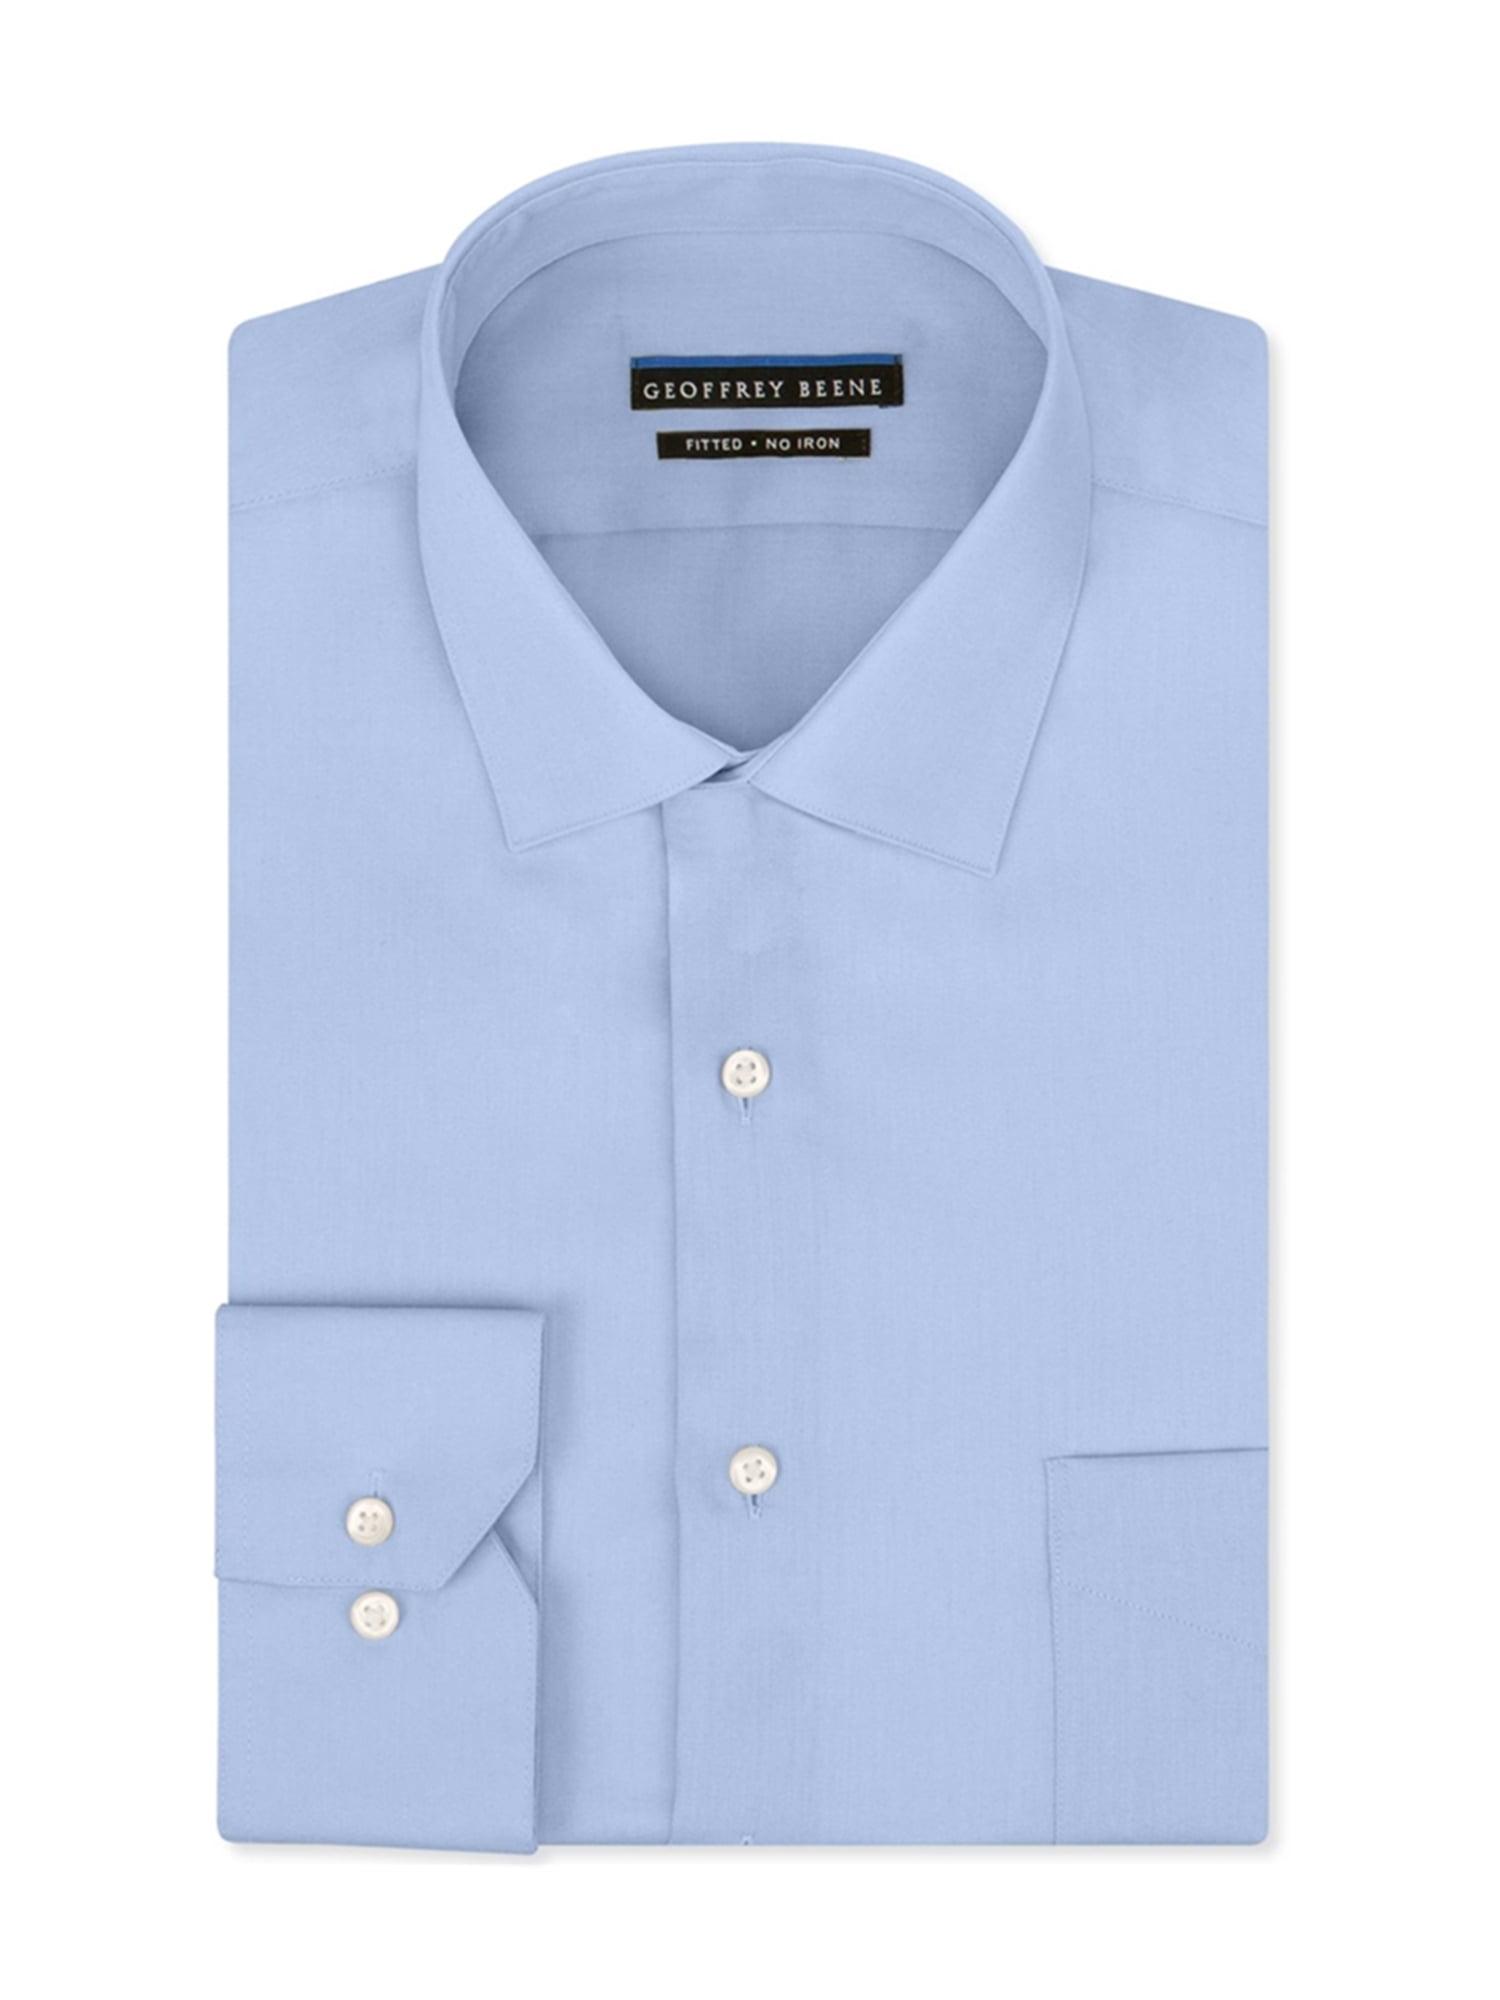 Geoffrey Beene Geoffrey Beene Mens Sateen Button Up Dress Shirt